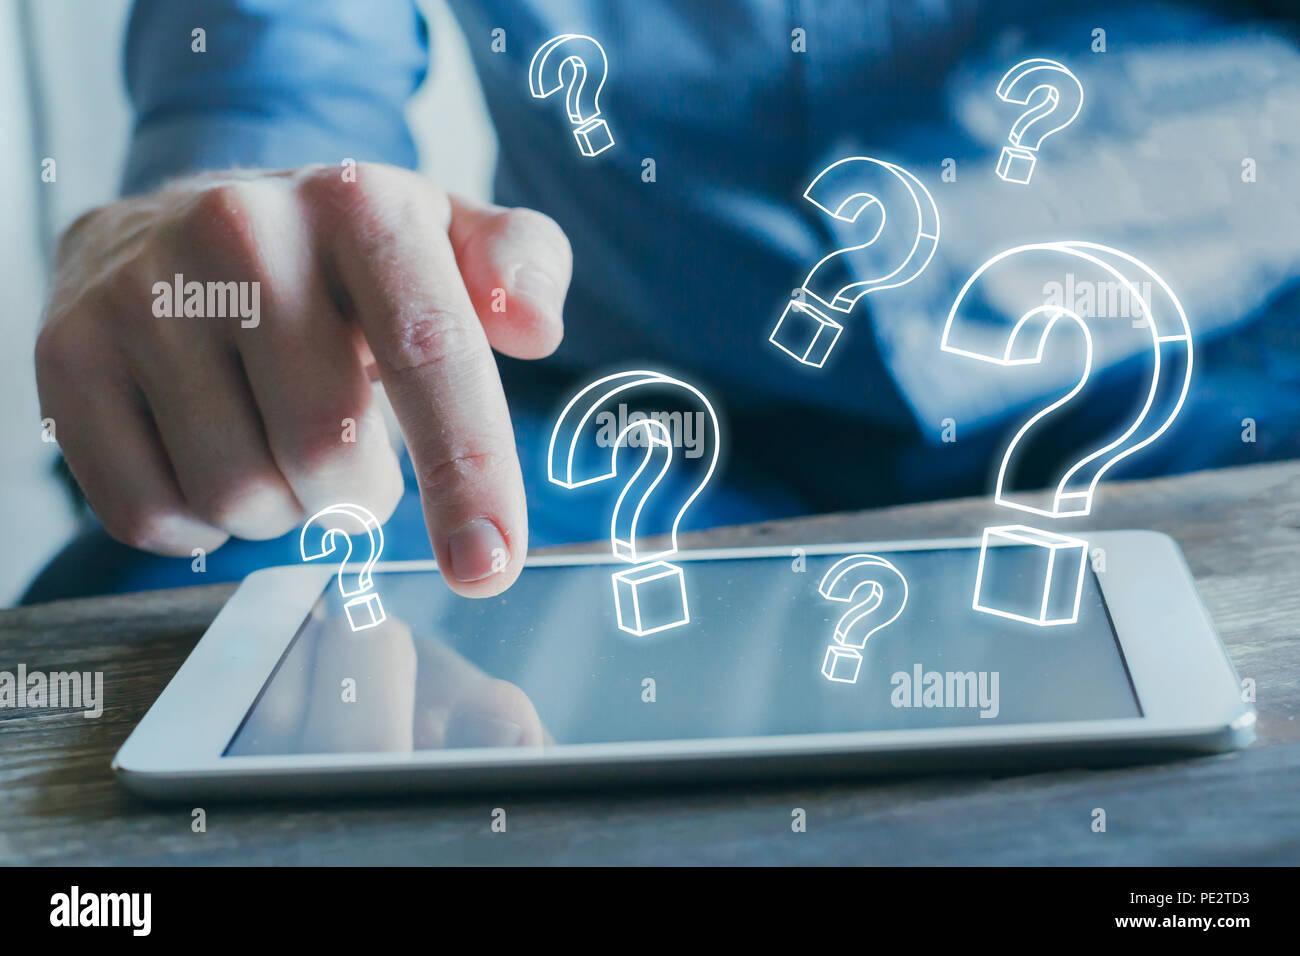 Molti marchi quiestion dallo schermo del computer tablet, trovare risposta in linea, FAQ concetto, cosa dove quando come e perché le informazioni di ricerca su internet Immagini Stock